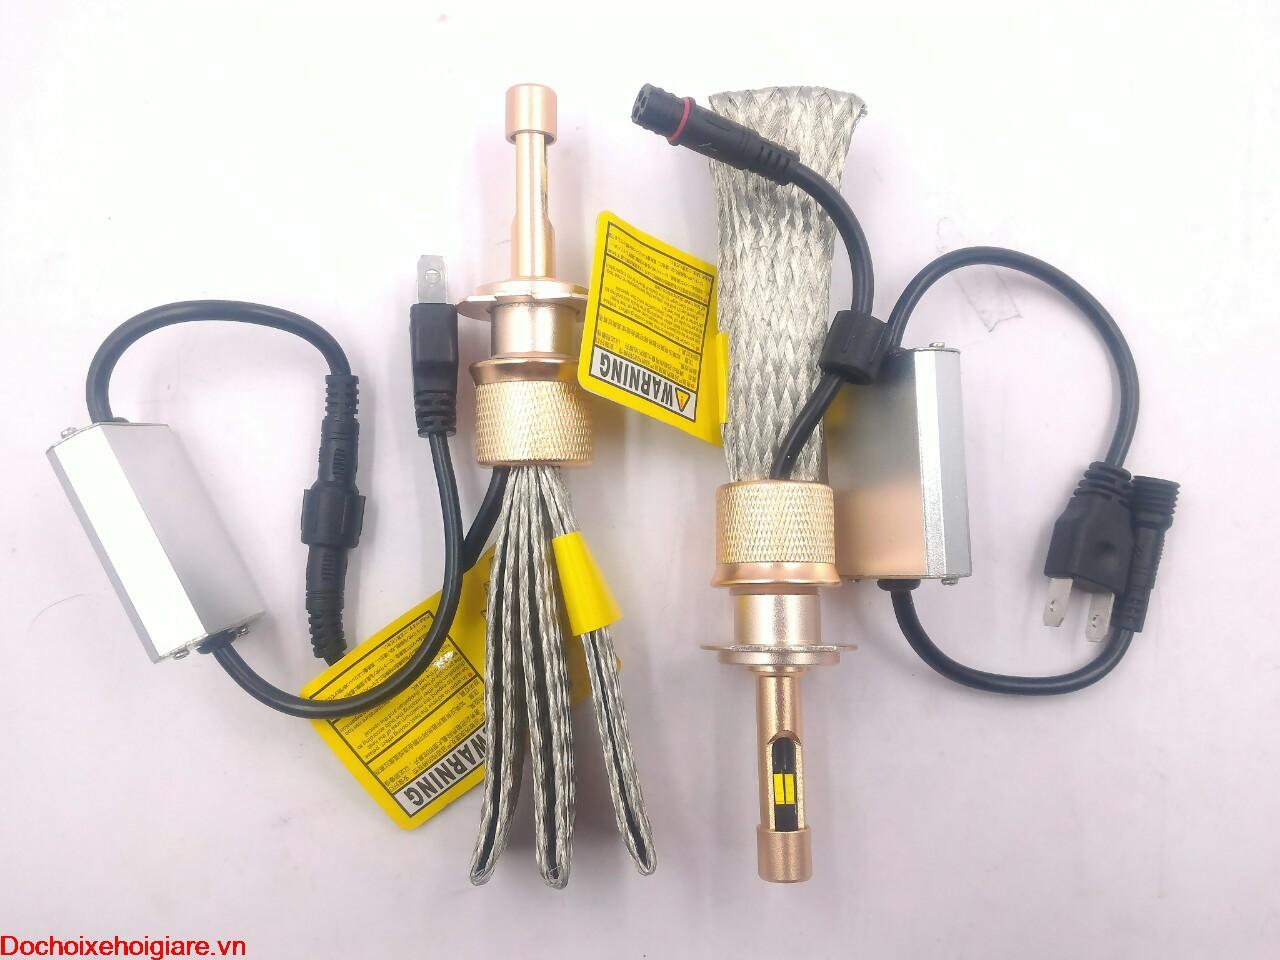 Led Philips Lumileds 2 dải sáng màu 3000K - 6000K H7 40W - 5500LM. Bóng đèn pha led ô tô xe hơi xe máy